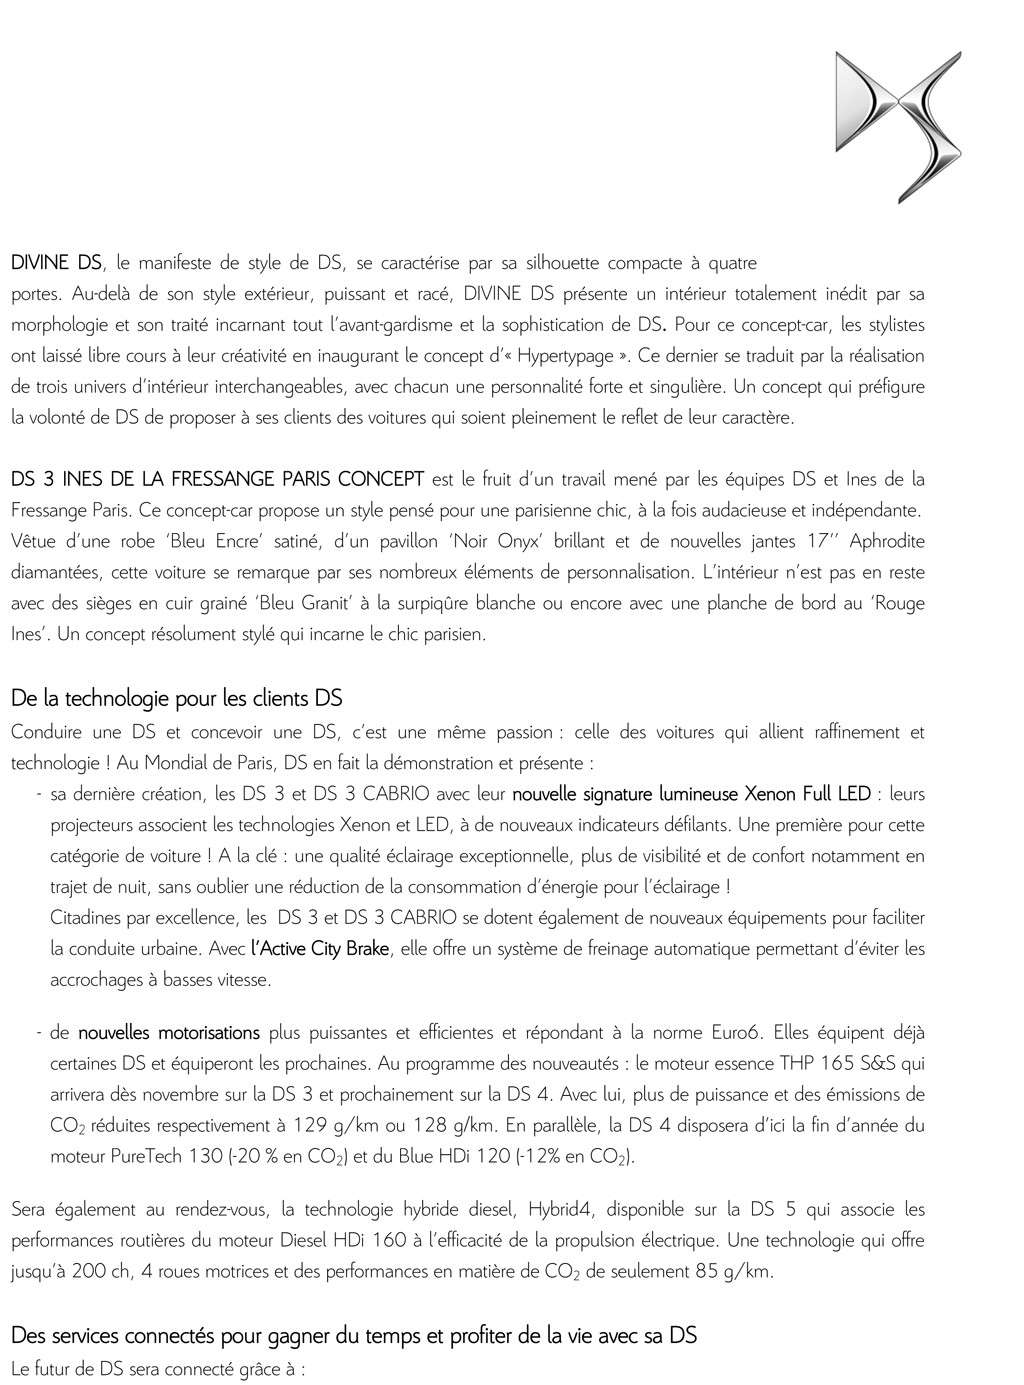 [SALON] Paris - Mondial de l'Automobile 2014 - Page 8 Cp_ds_11